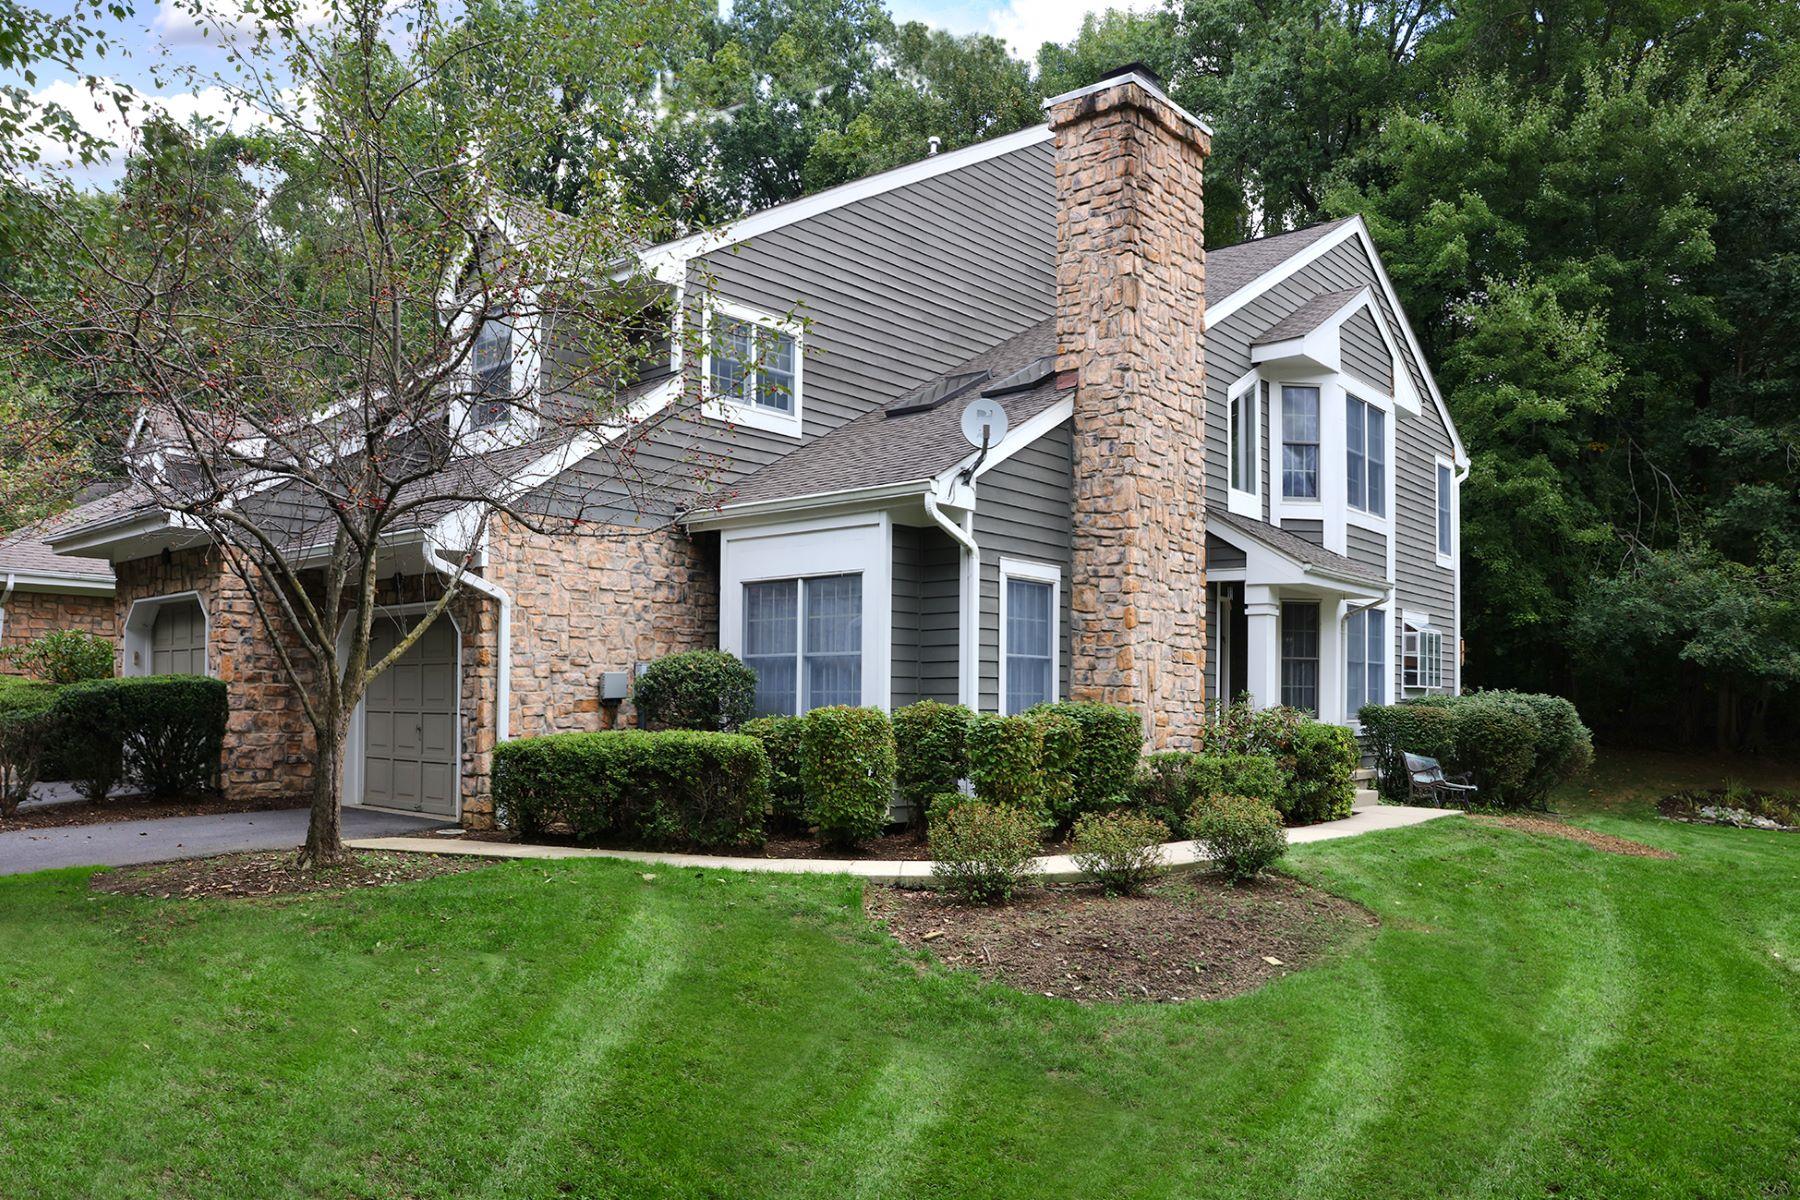 Stadthaus für Verkauf beim Elegant Townhome In The Woods At Princeton Walk 10 Sage Court, Princeton, New Jersey 08540 Vereinigte StaatenIn/Rund um: South Brunswick